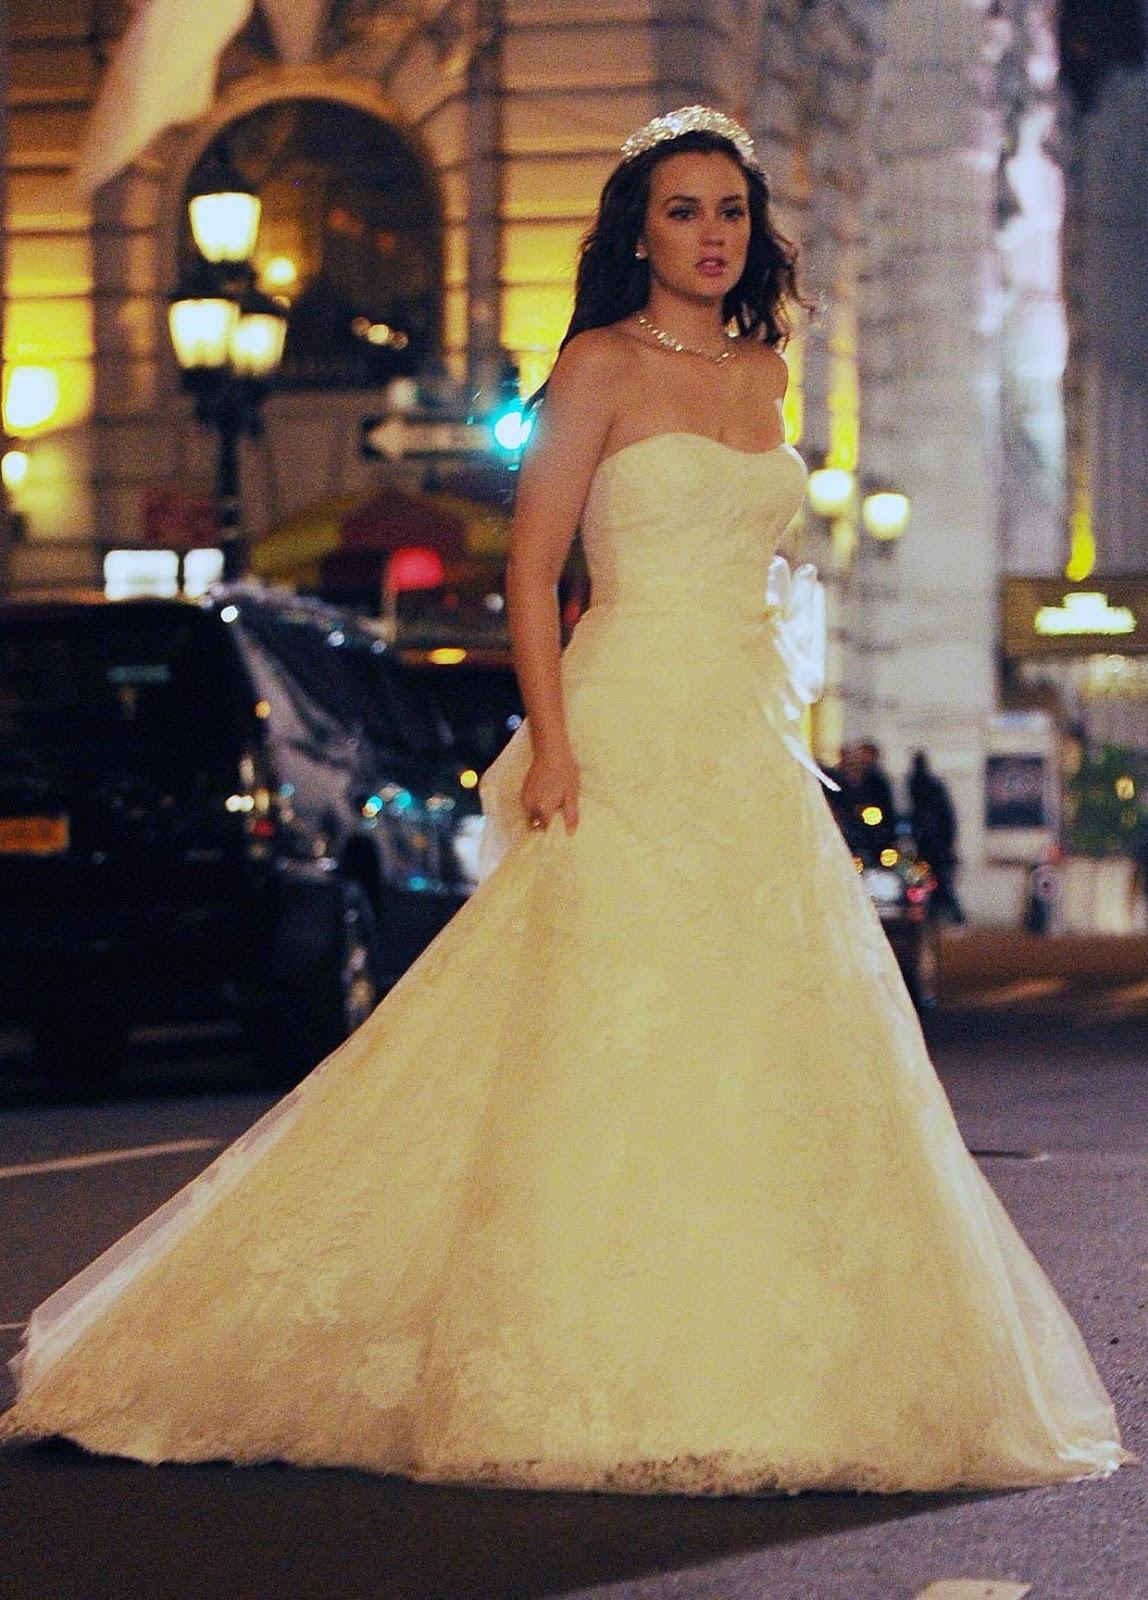 8e35b76049241 Dokładne ukazanie sukni, w dodatku założonej przez naszą ulubioną bohaterkę  daje nam powód, by dążyć do wyznaczonego sobie celu - aby również mieć na  sobie ...